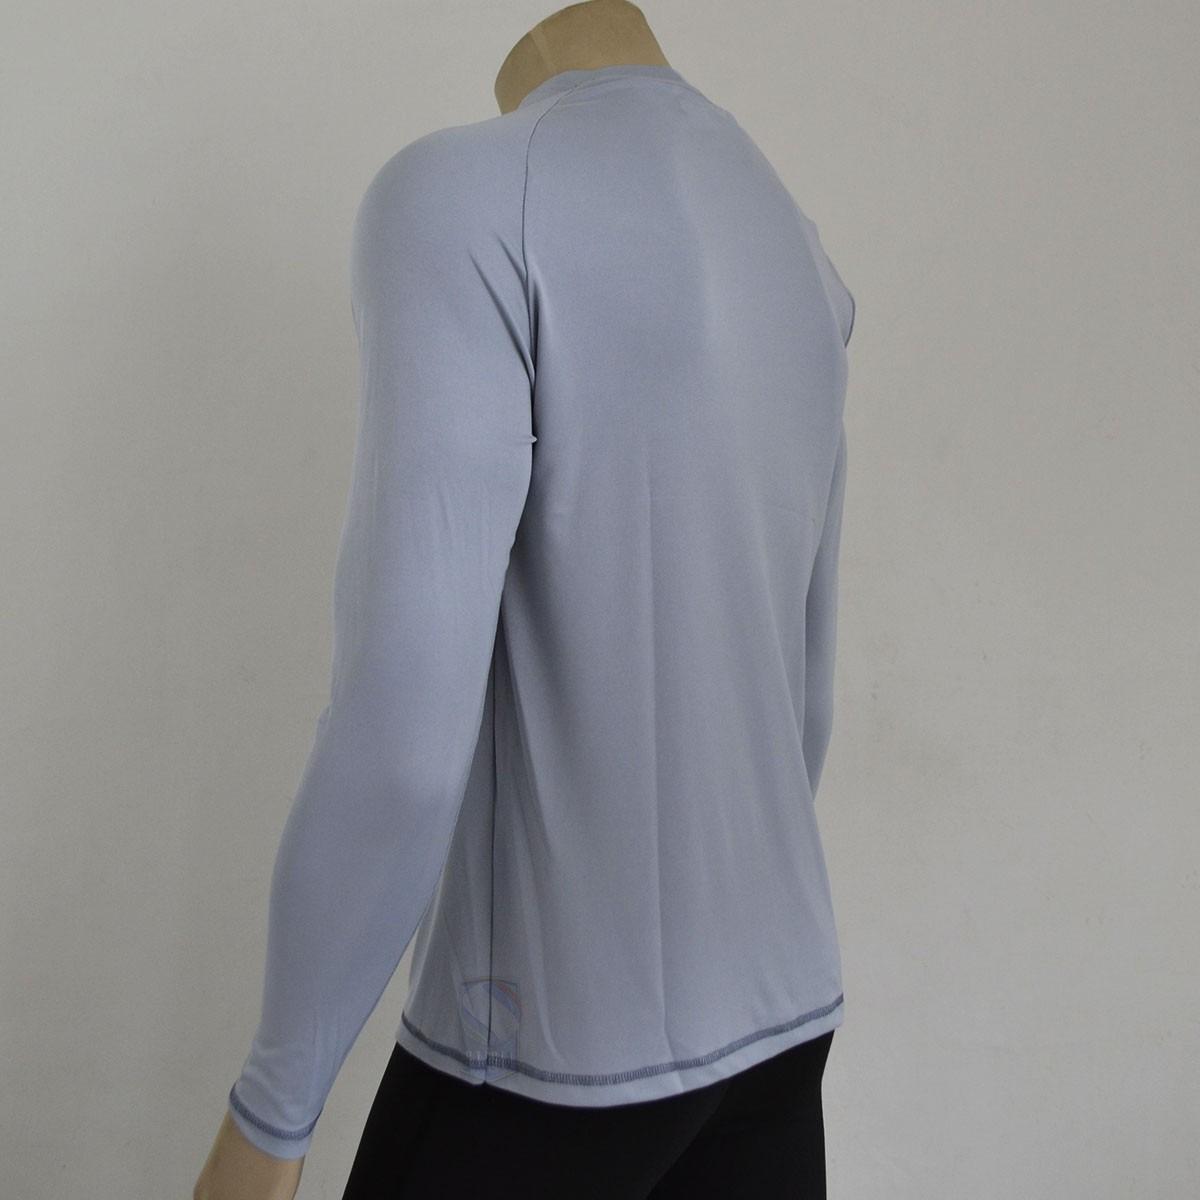 fe1532b869 camisa manga longa poker proteção solar fps 50+ frete grátis. Carregando  zoom.